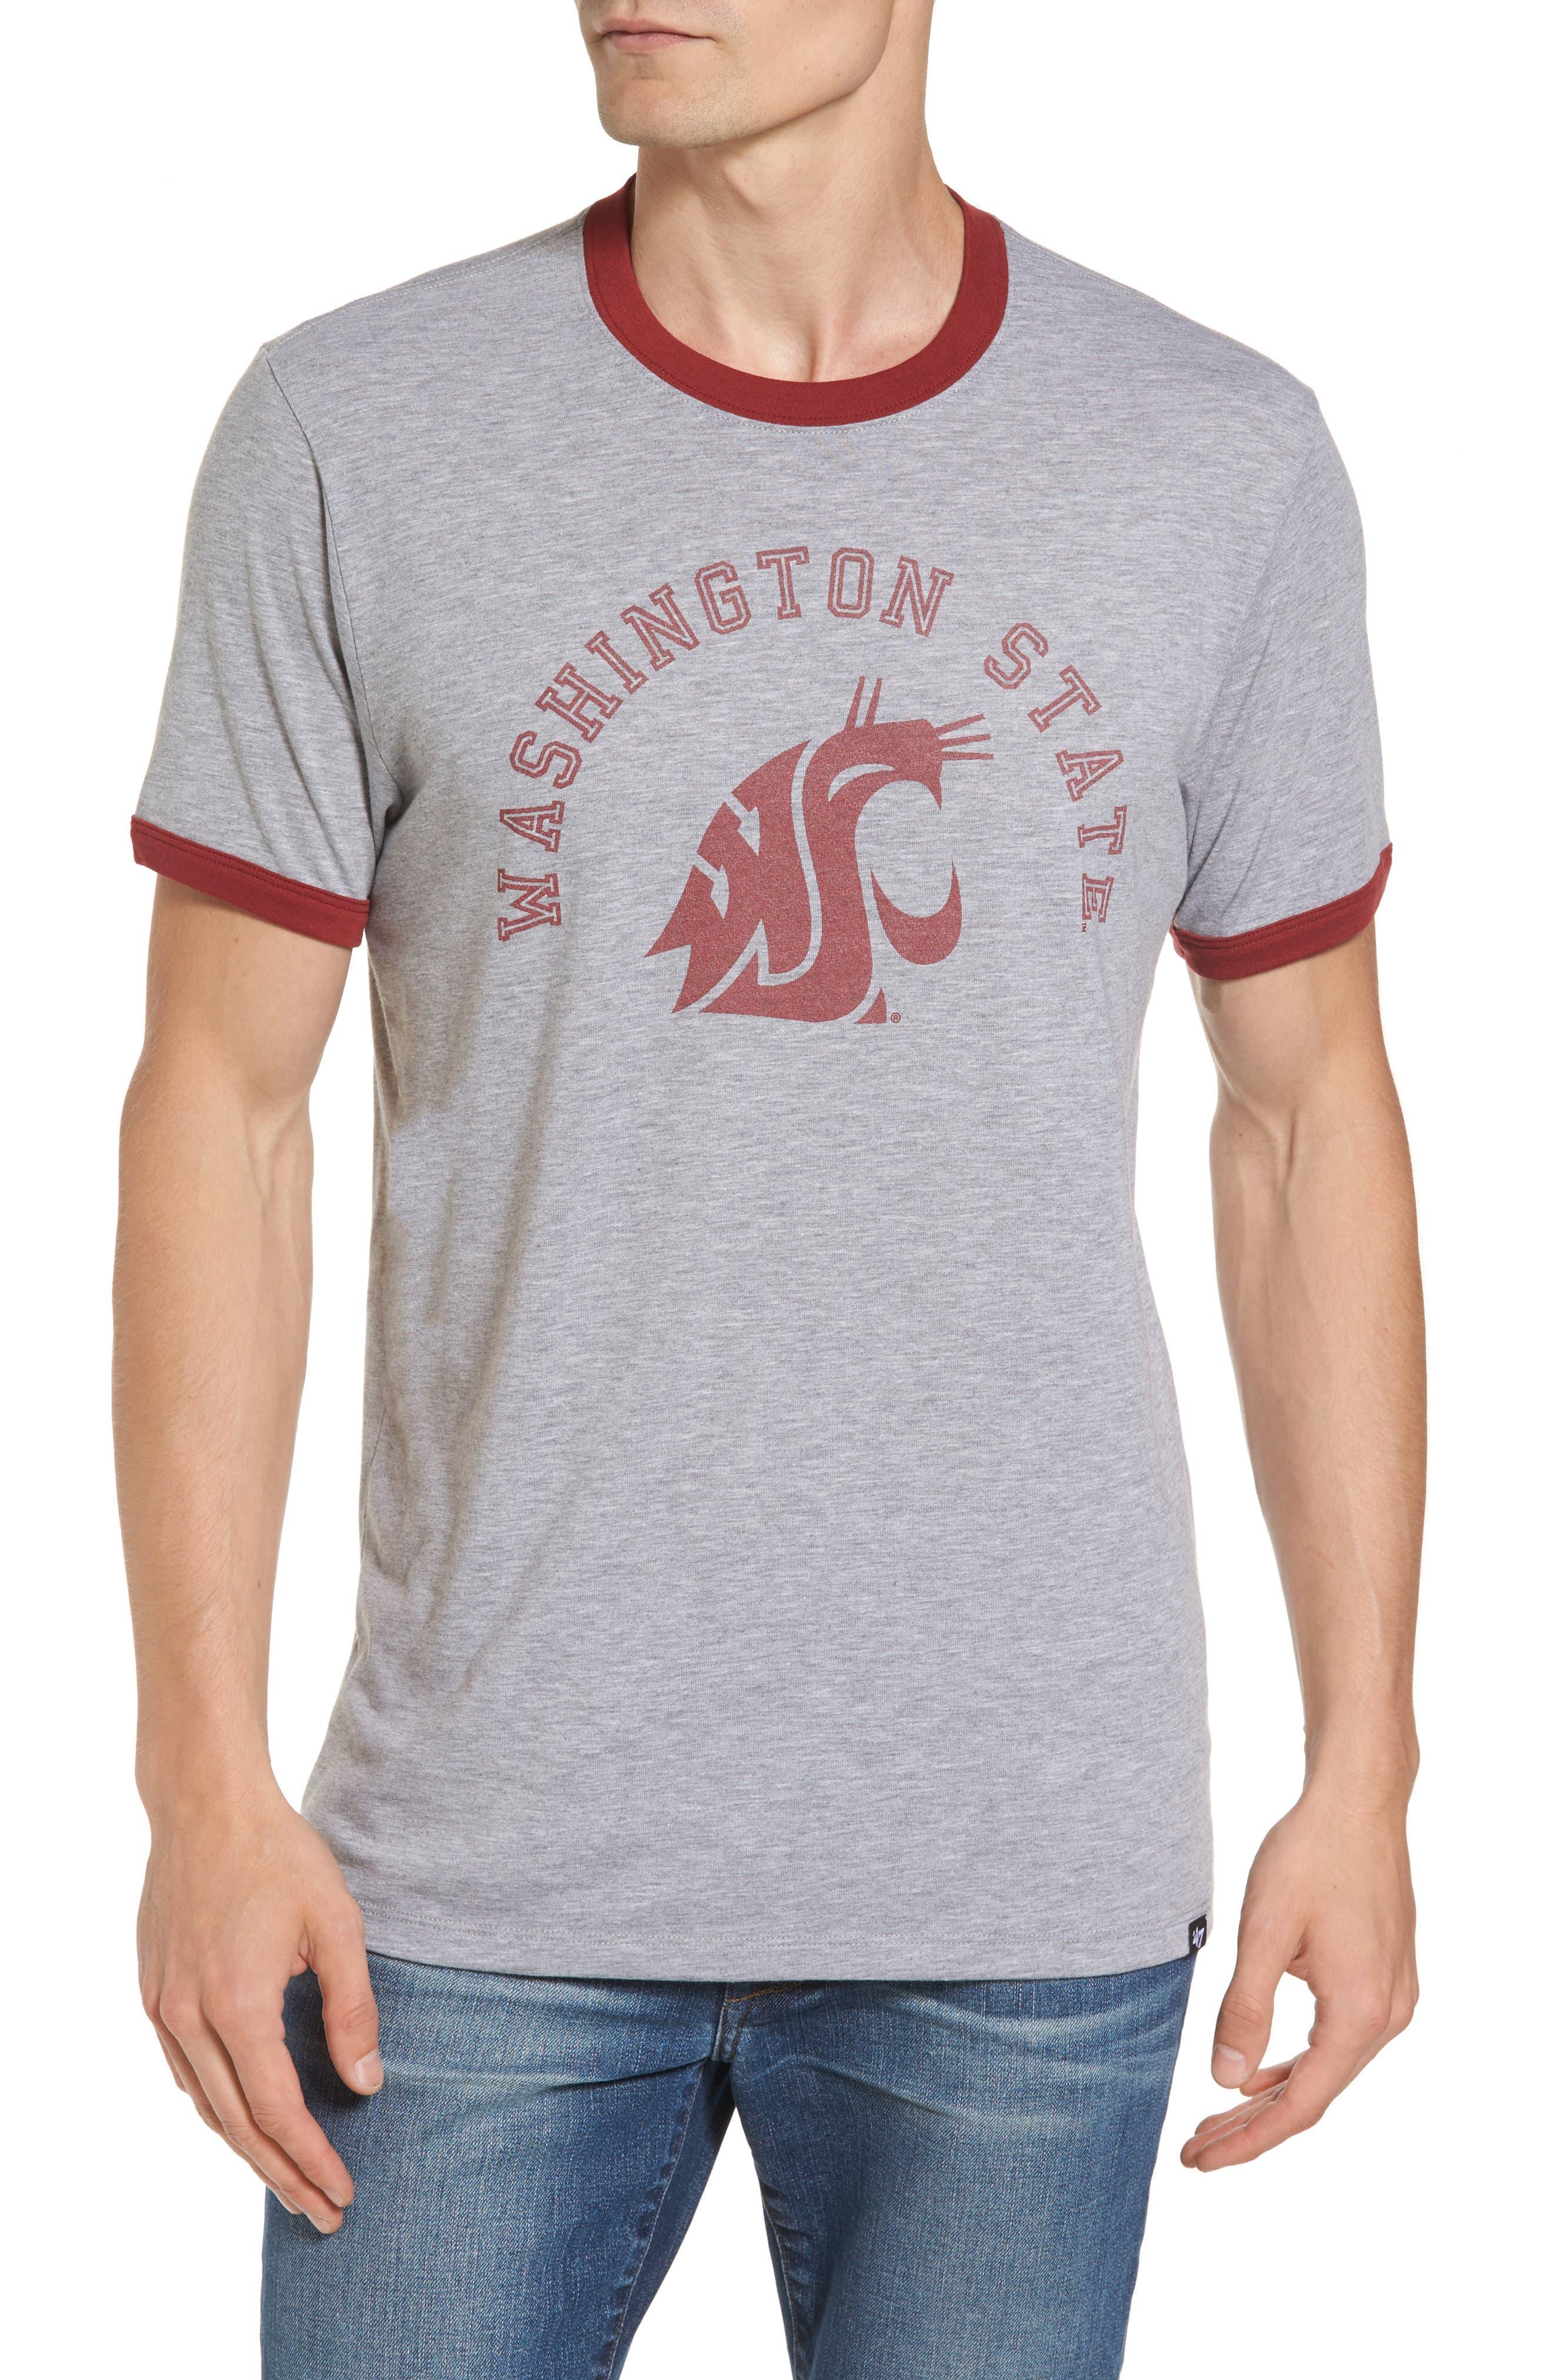 Alternate Image 1 Selected - '47 Washington State University Cougars Ringer T-Shirt